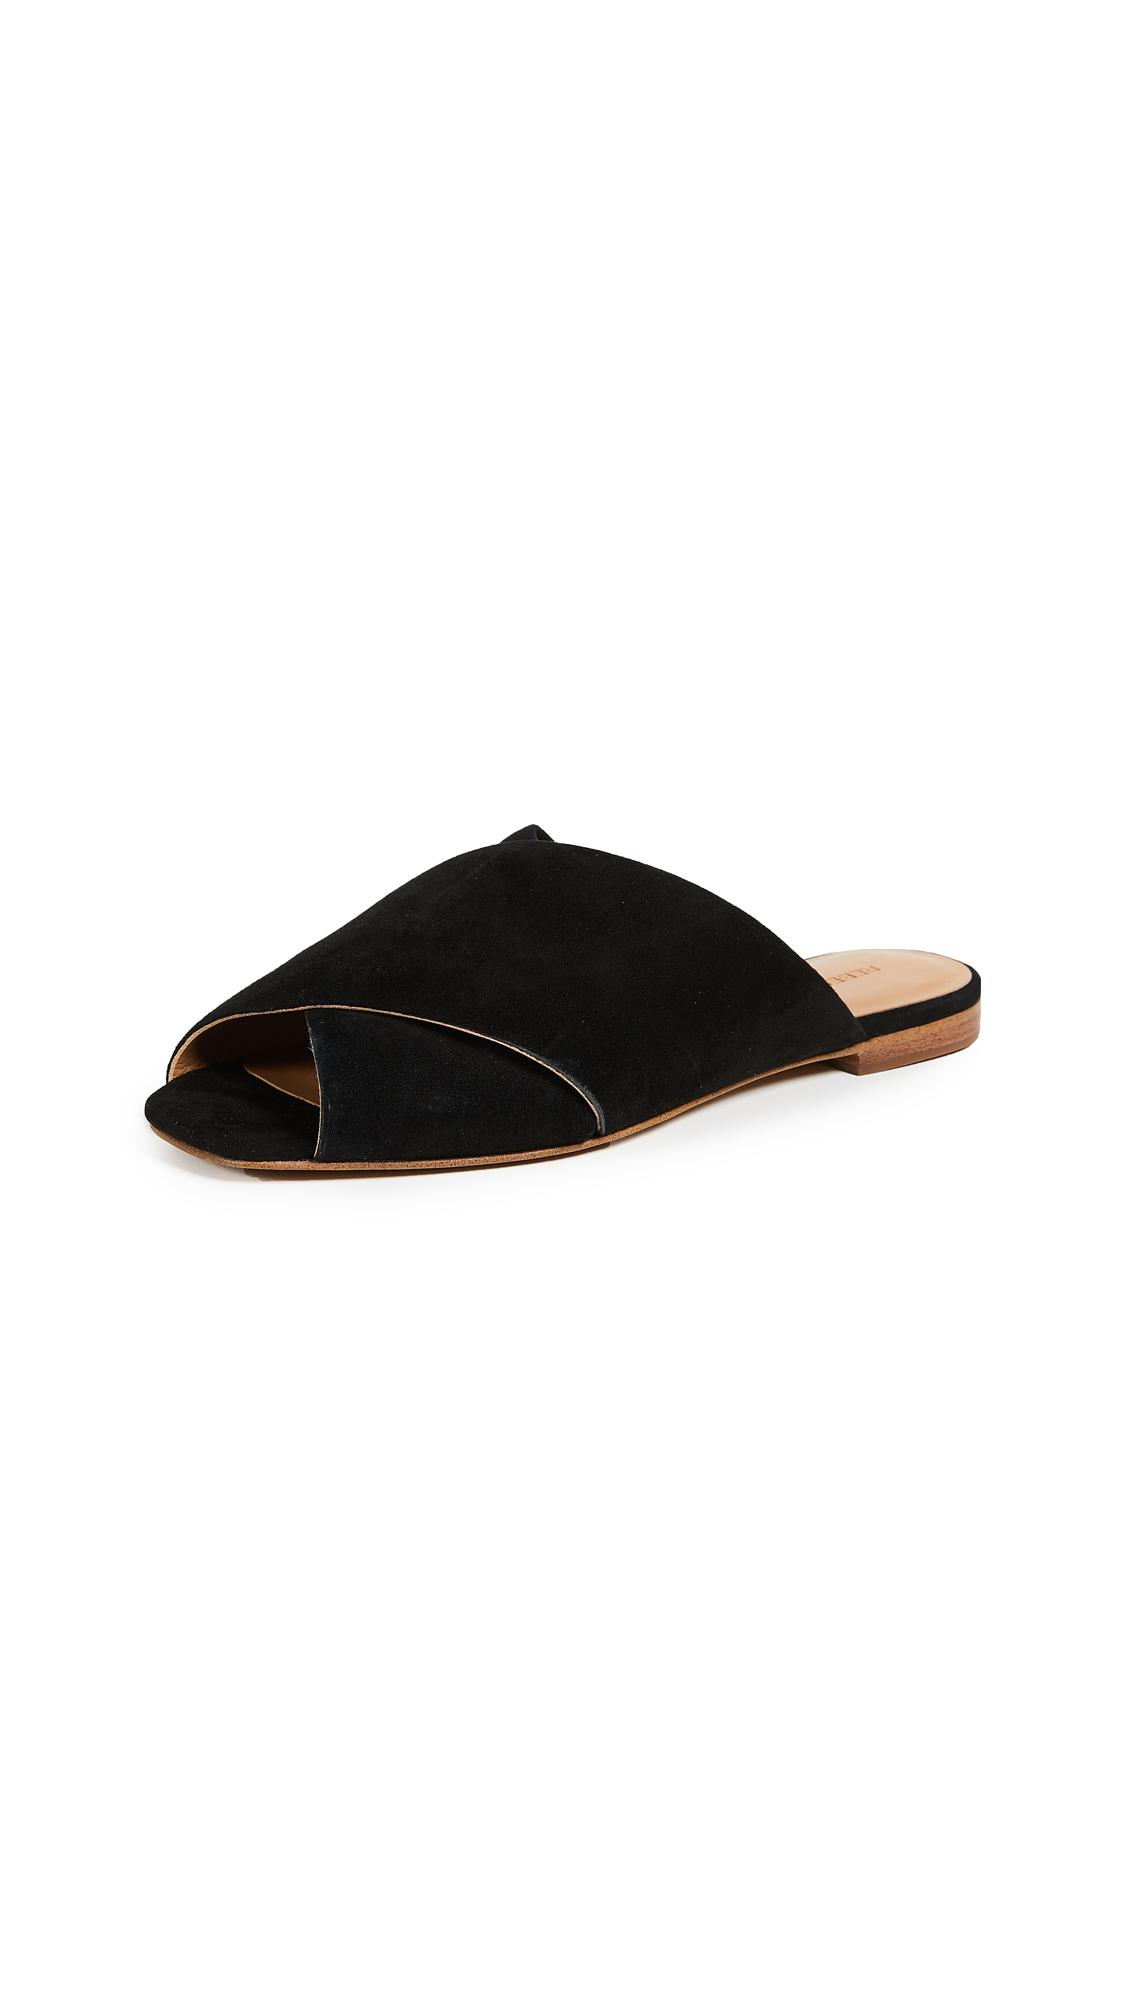 Rebecca Minkoff Anden Peep Toe Flats - Black